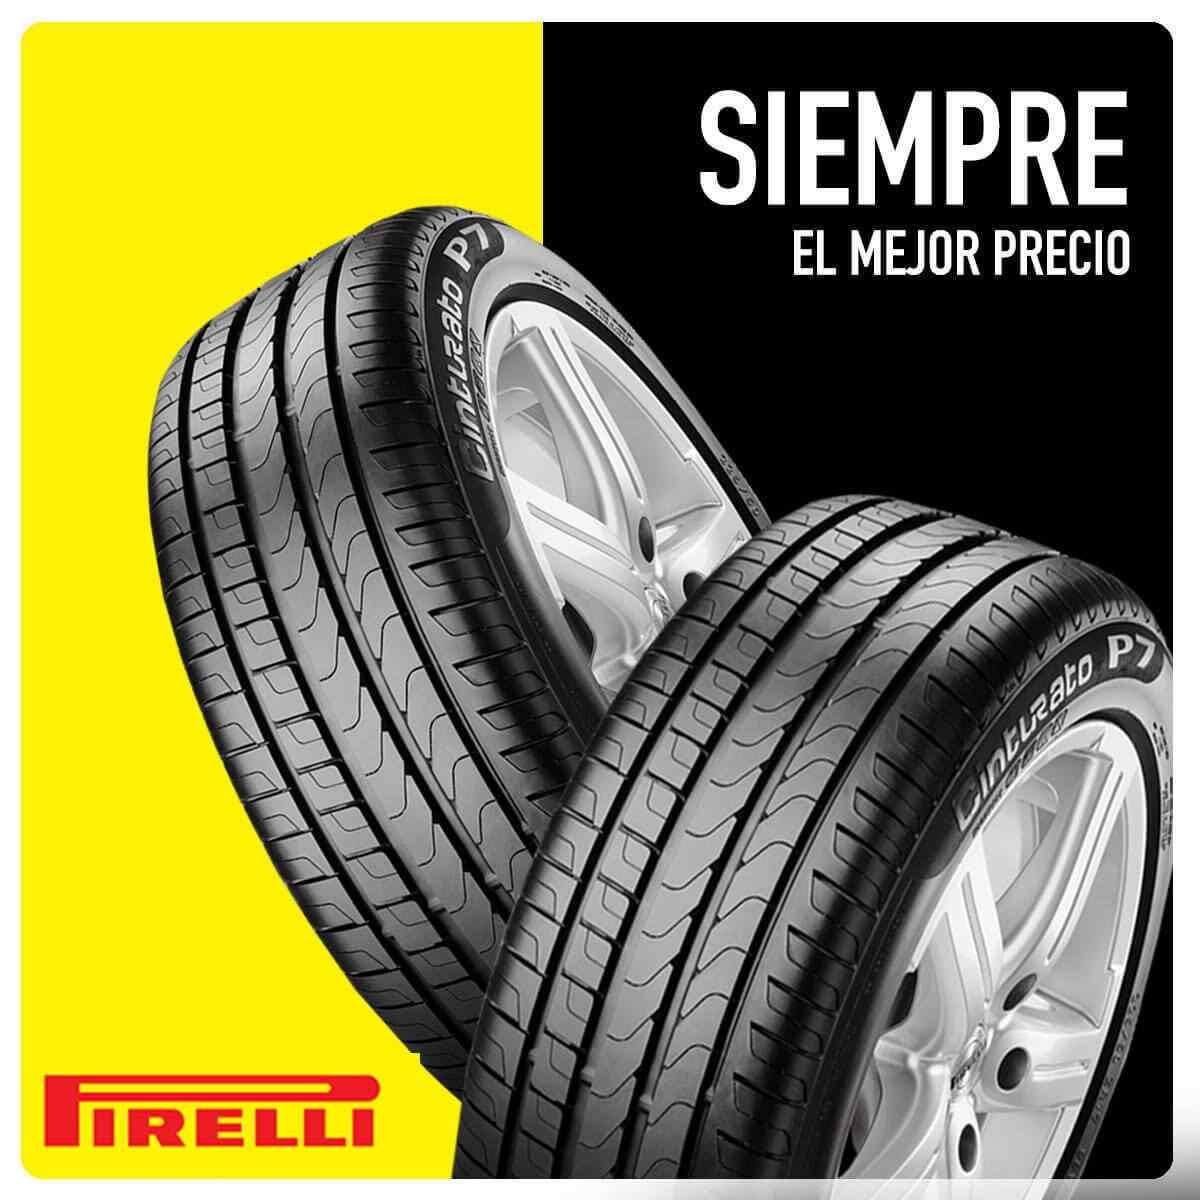 Comprar neumáticos Pirelli en Madrid